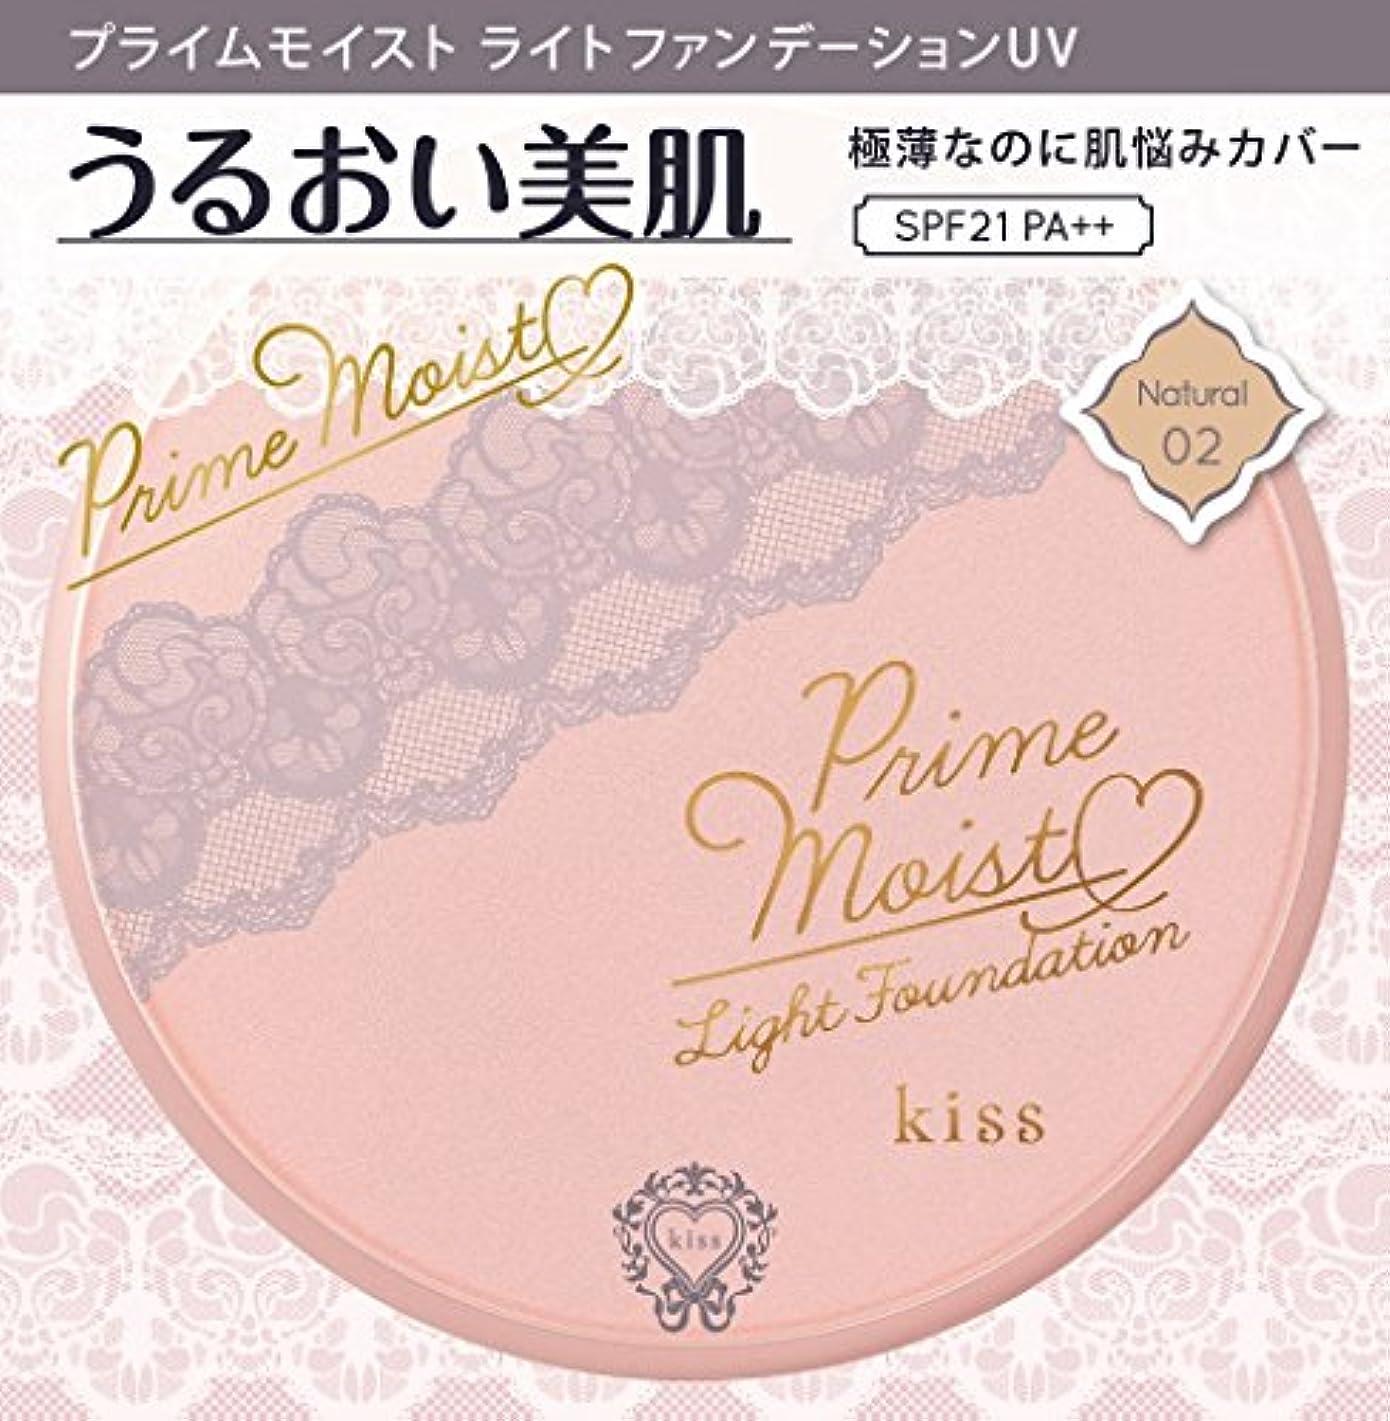 優越なぞらえる透けるキス プライムモイストライトファンデーションUV 02 ナチュラル